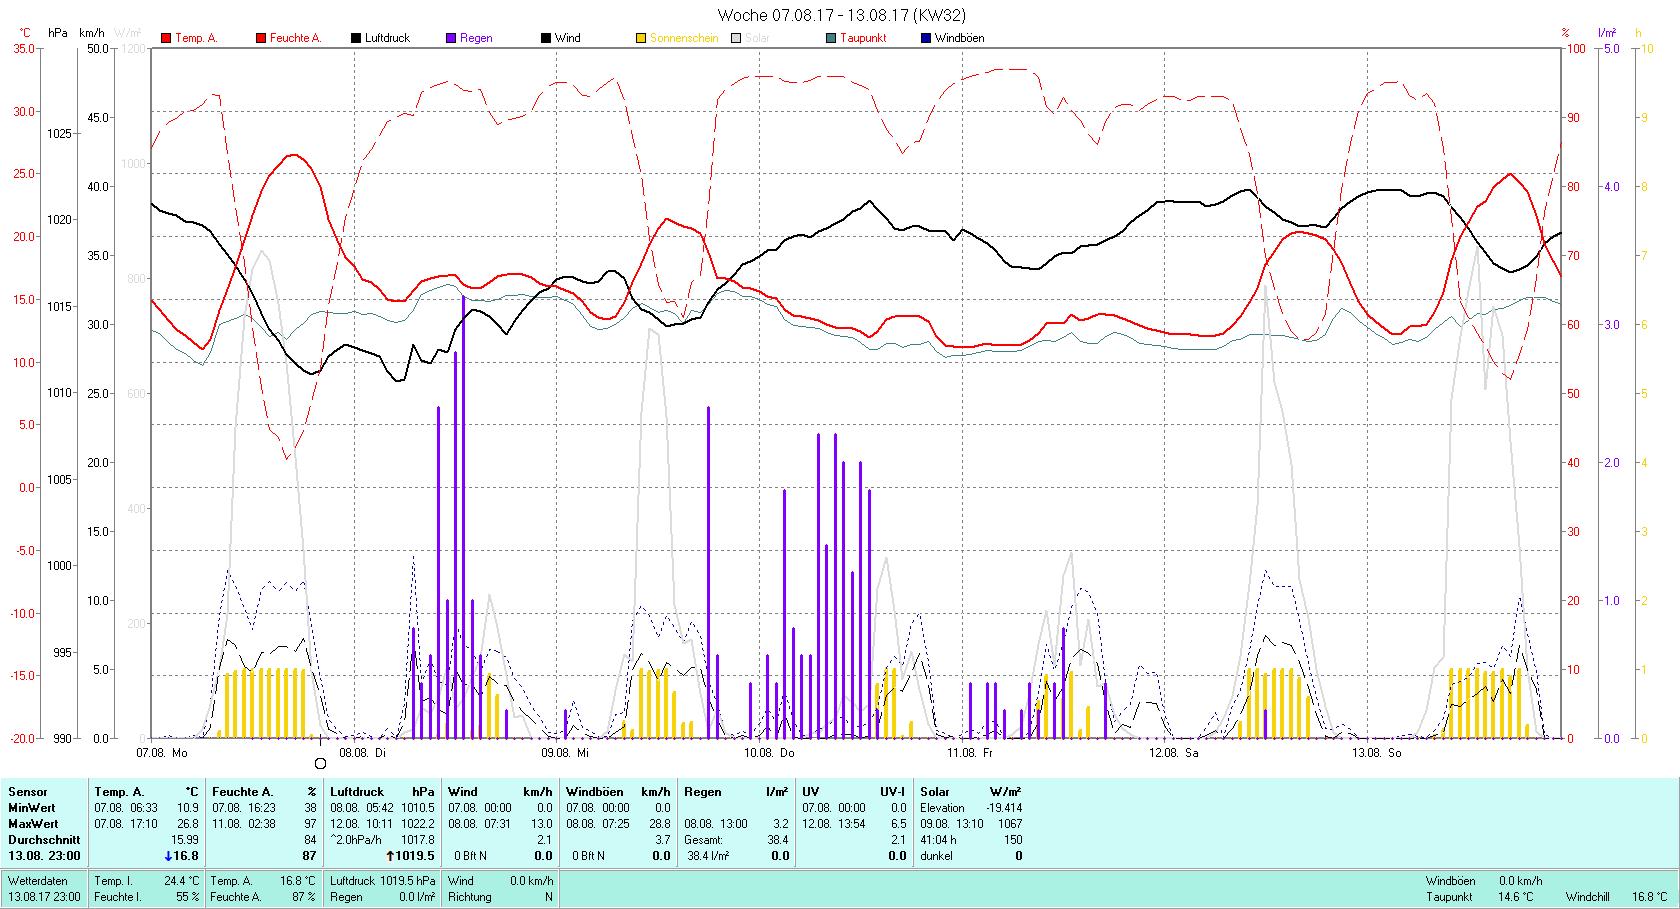 KW 32 Tmin 10.9°C, Tmax 26.8°C, Sonne 41:04 h Niederschlag 38.4 mm2